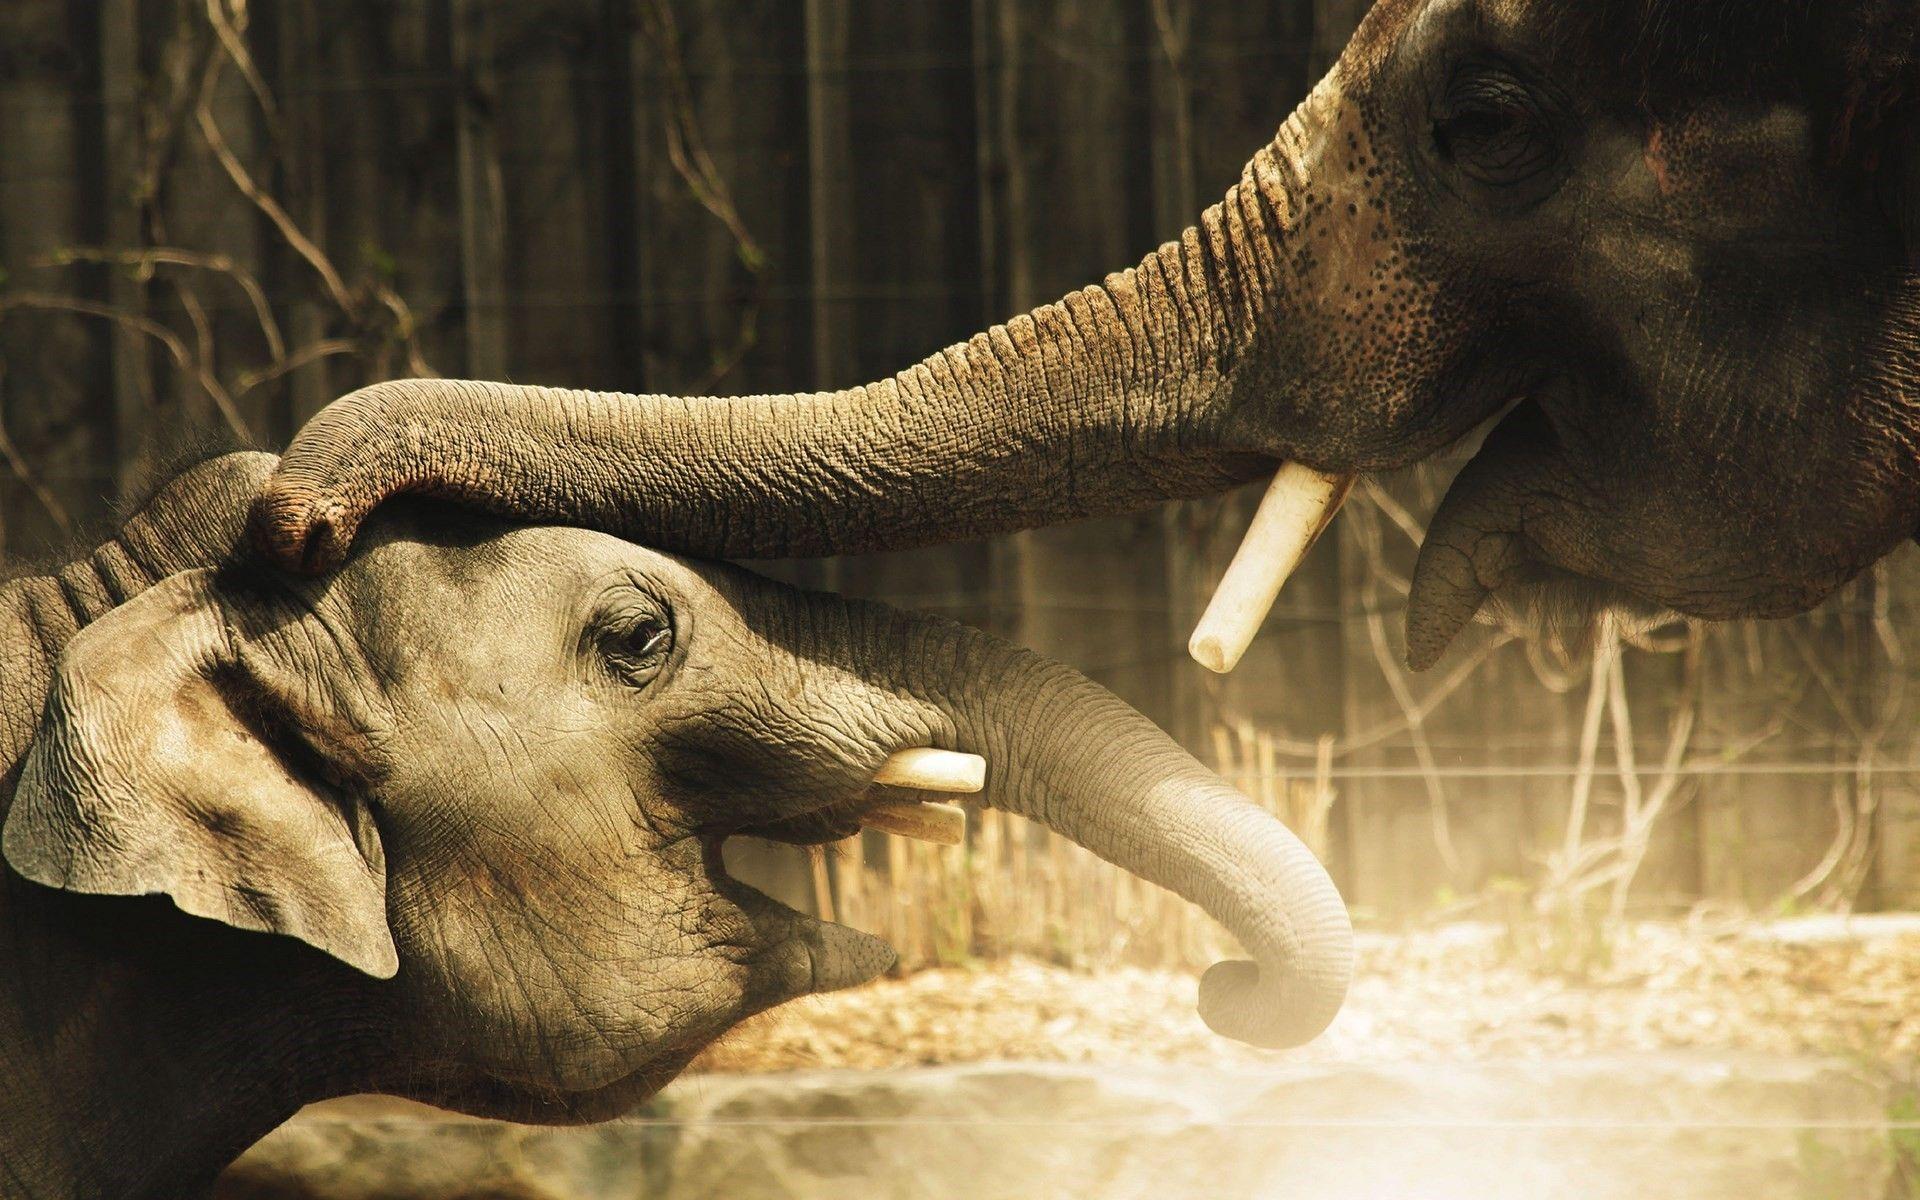 beautiful elephant pics